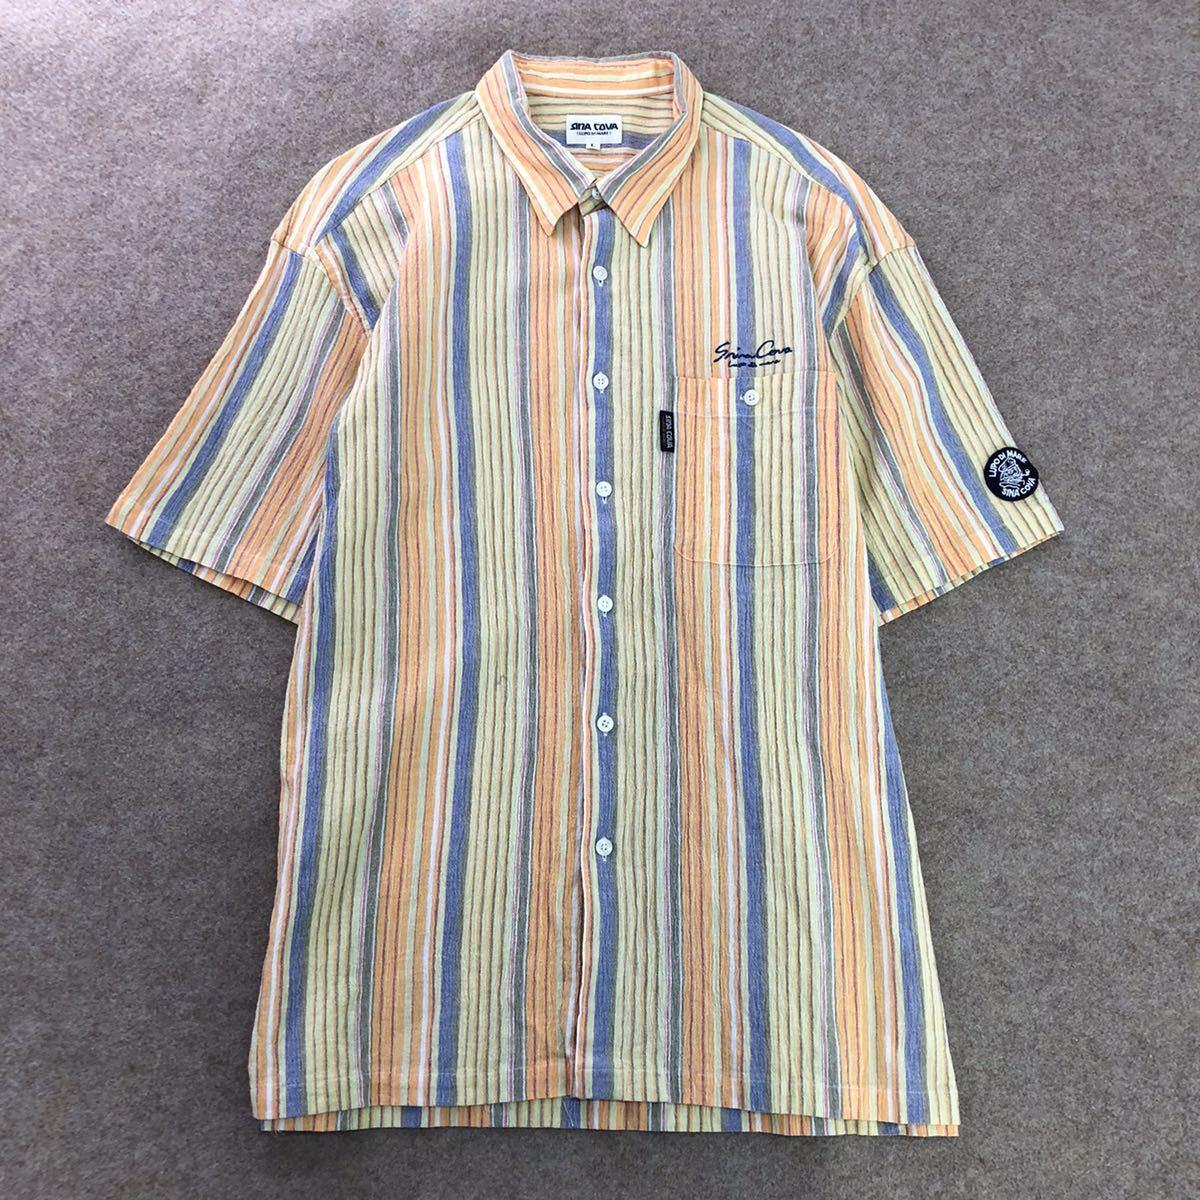 Eg19《美品》SINA COVA〈LUPO DI MARE〉シナコバ 半袖シャツ ストライプシャツ コットン100% マルチカラー sizeL メンズ 紳士服